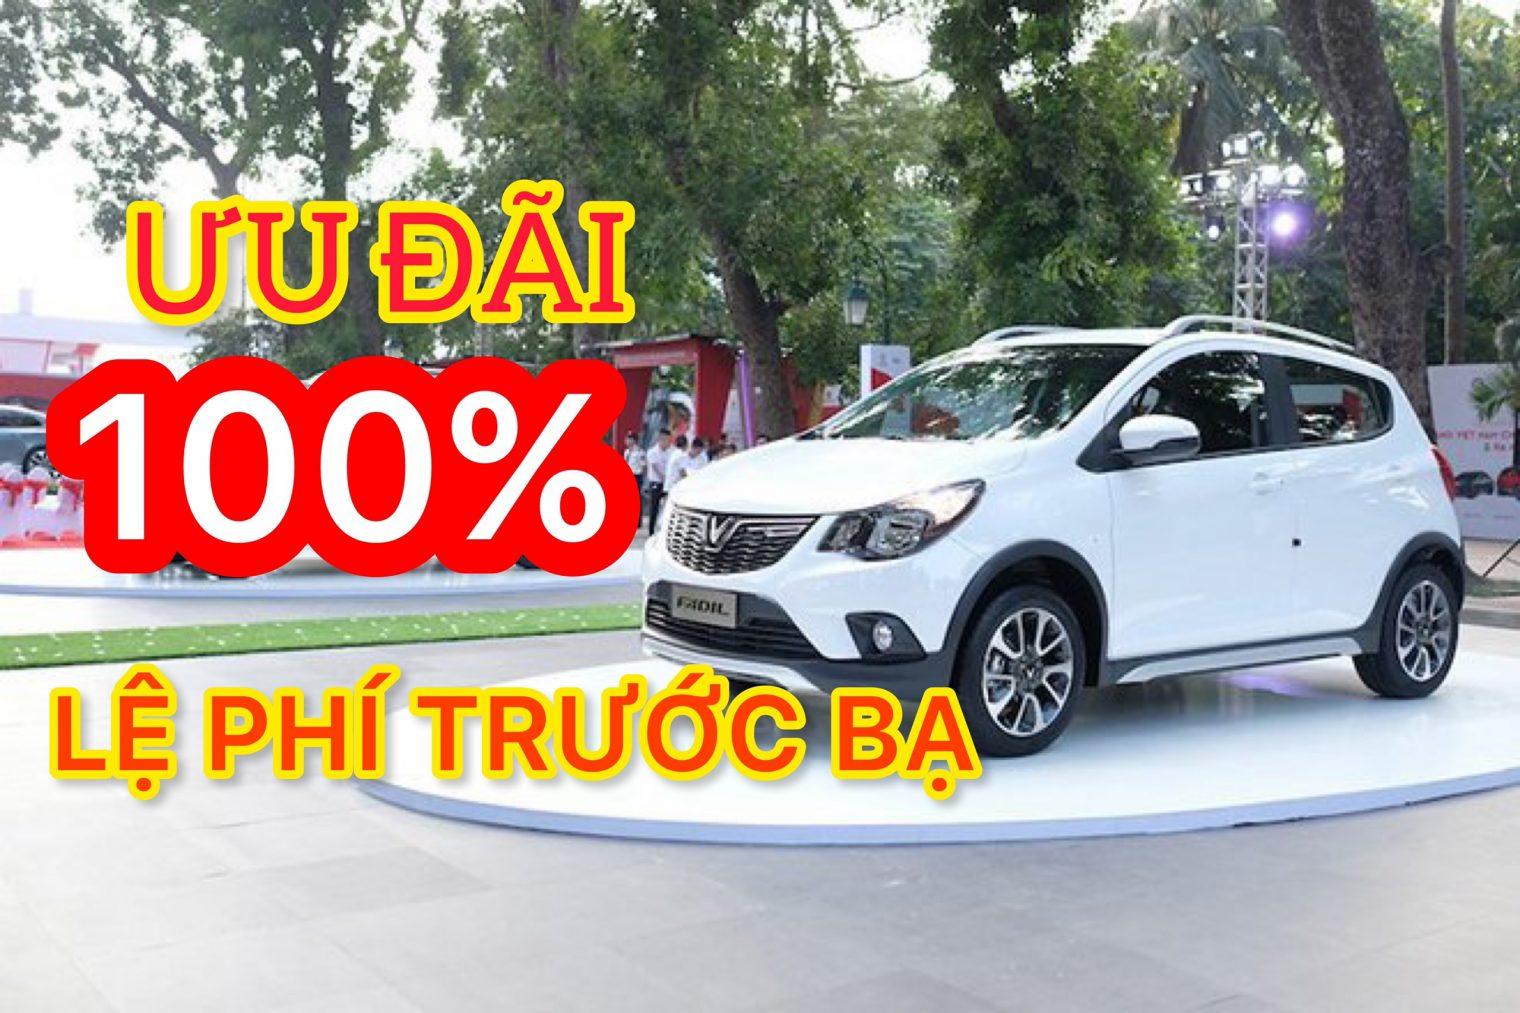 Tặng 100% lệ phí trước bạ cho VinFast Fadil tháng 7 - Cơ hội mua xe Fadil với giá rẻ nhất - VinFast Đà Nẵng